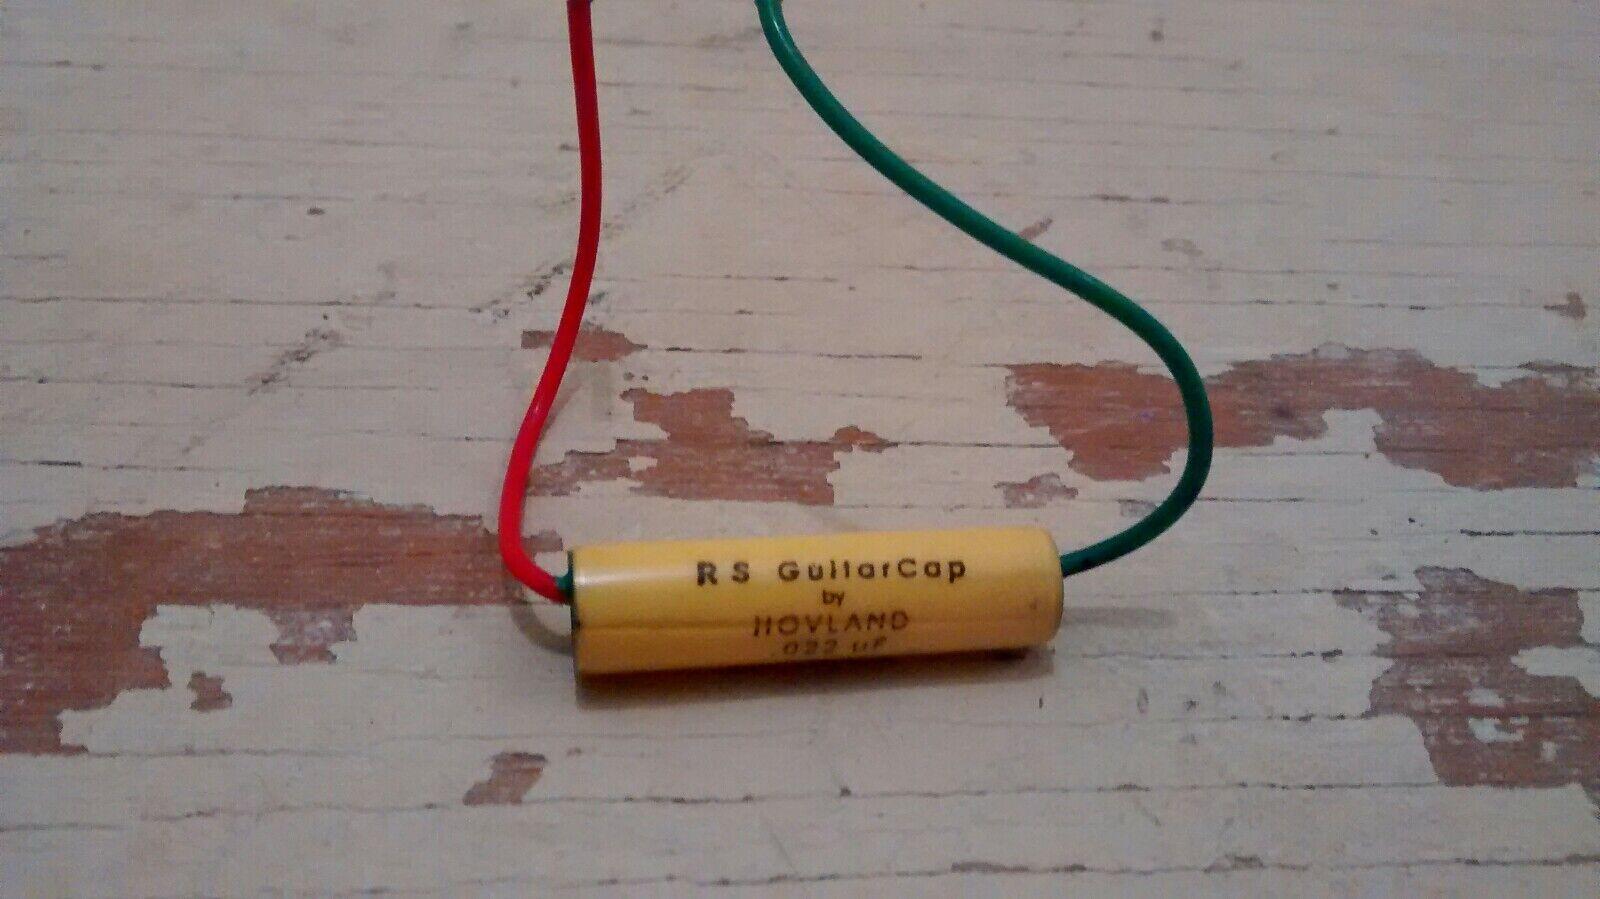 RS Guitarworks Guitar Cap Hovland USA Capacitor .022uf